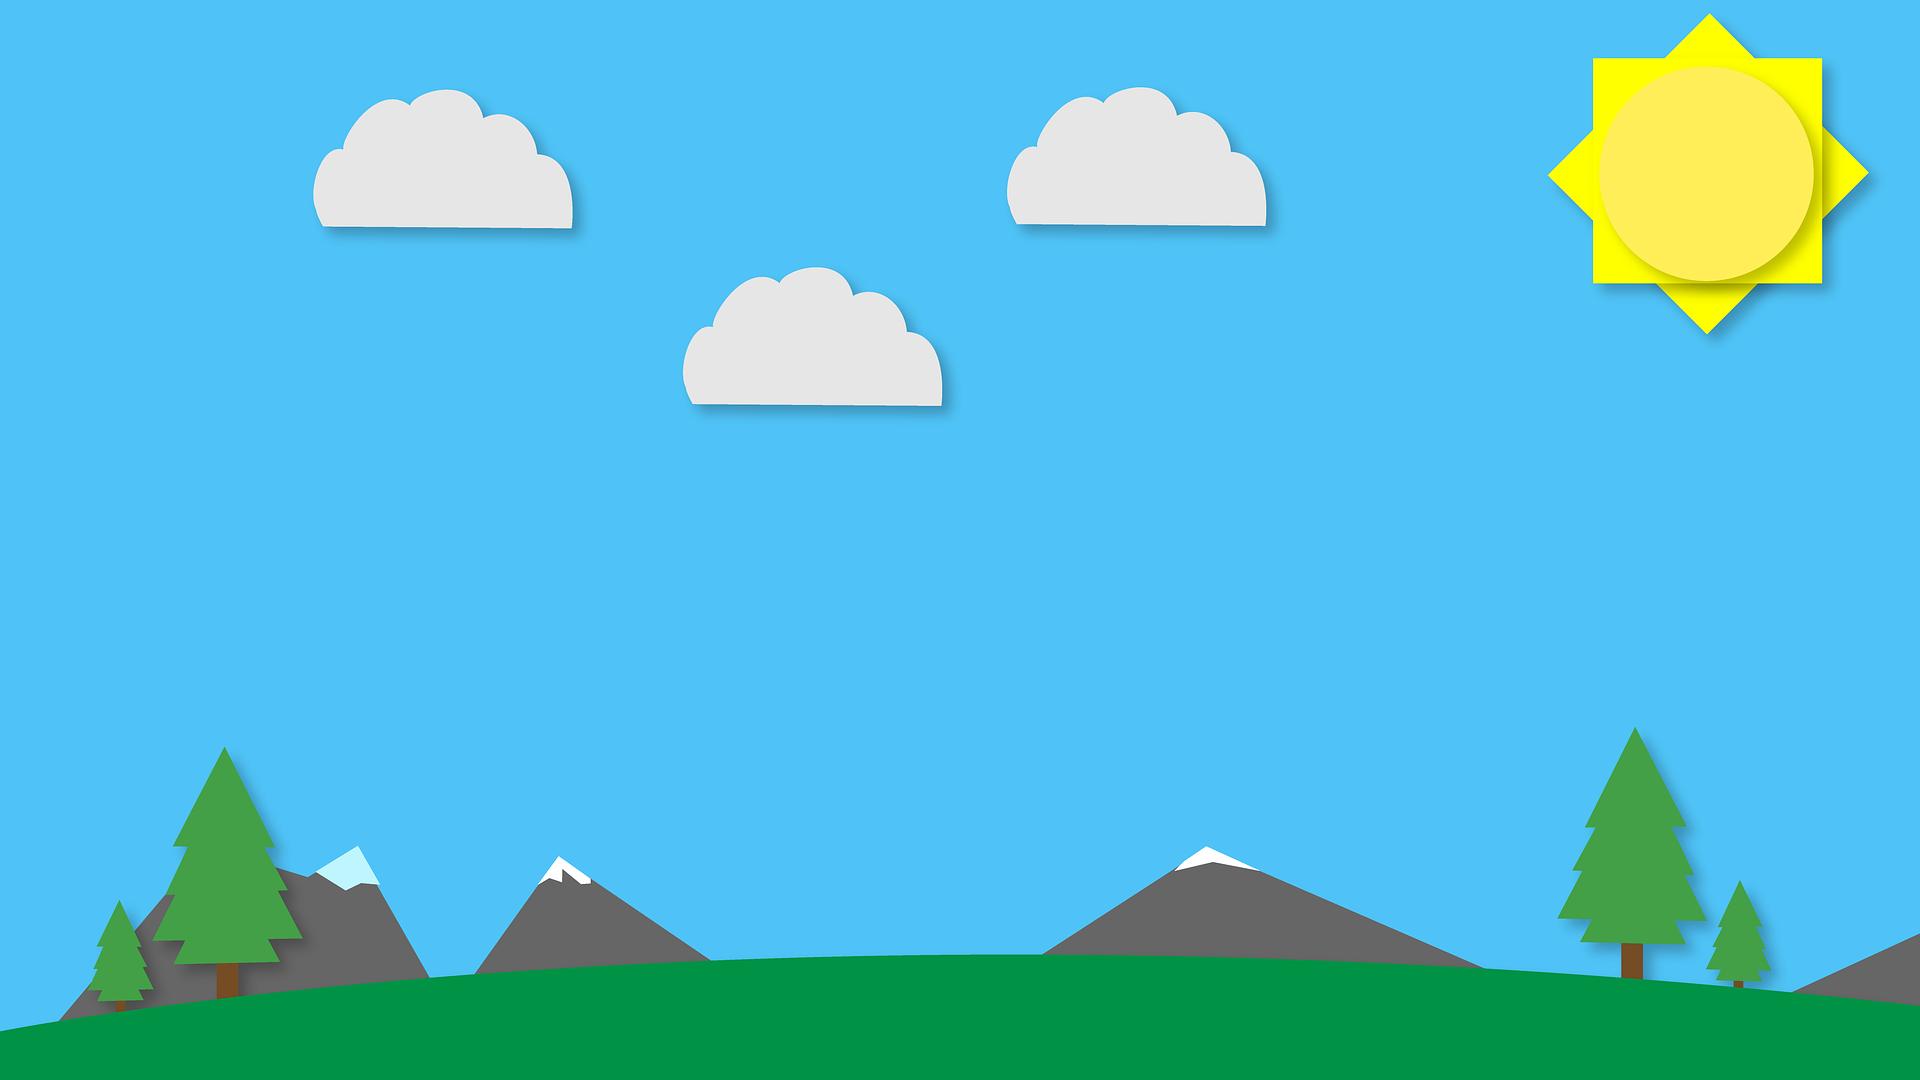 diseño plano, Плоский дизайн, пейзаж, облака, Солнце, горы, Иллюстрация - Обои HD - Профессор falken.com